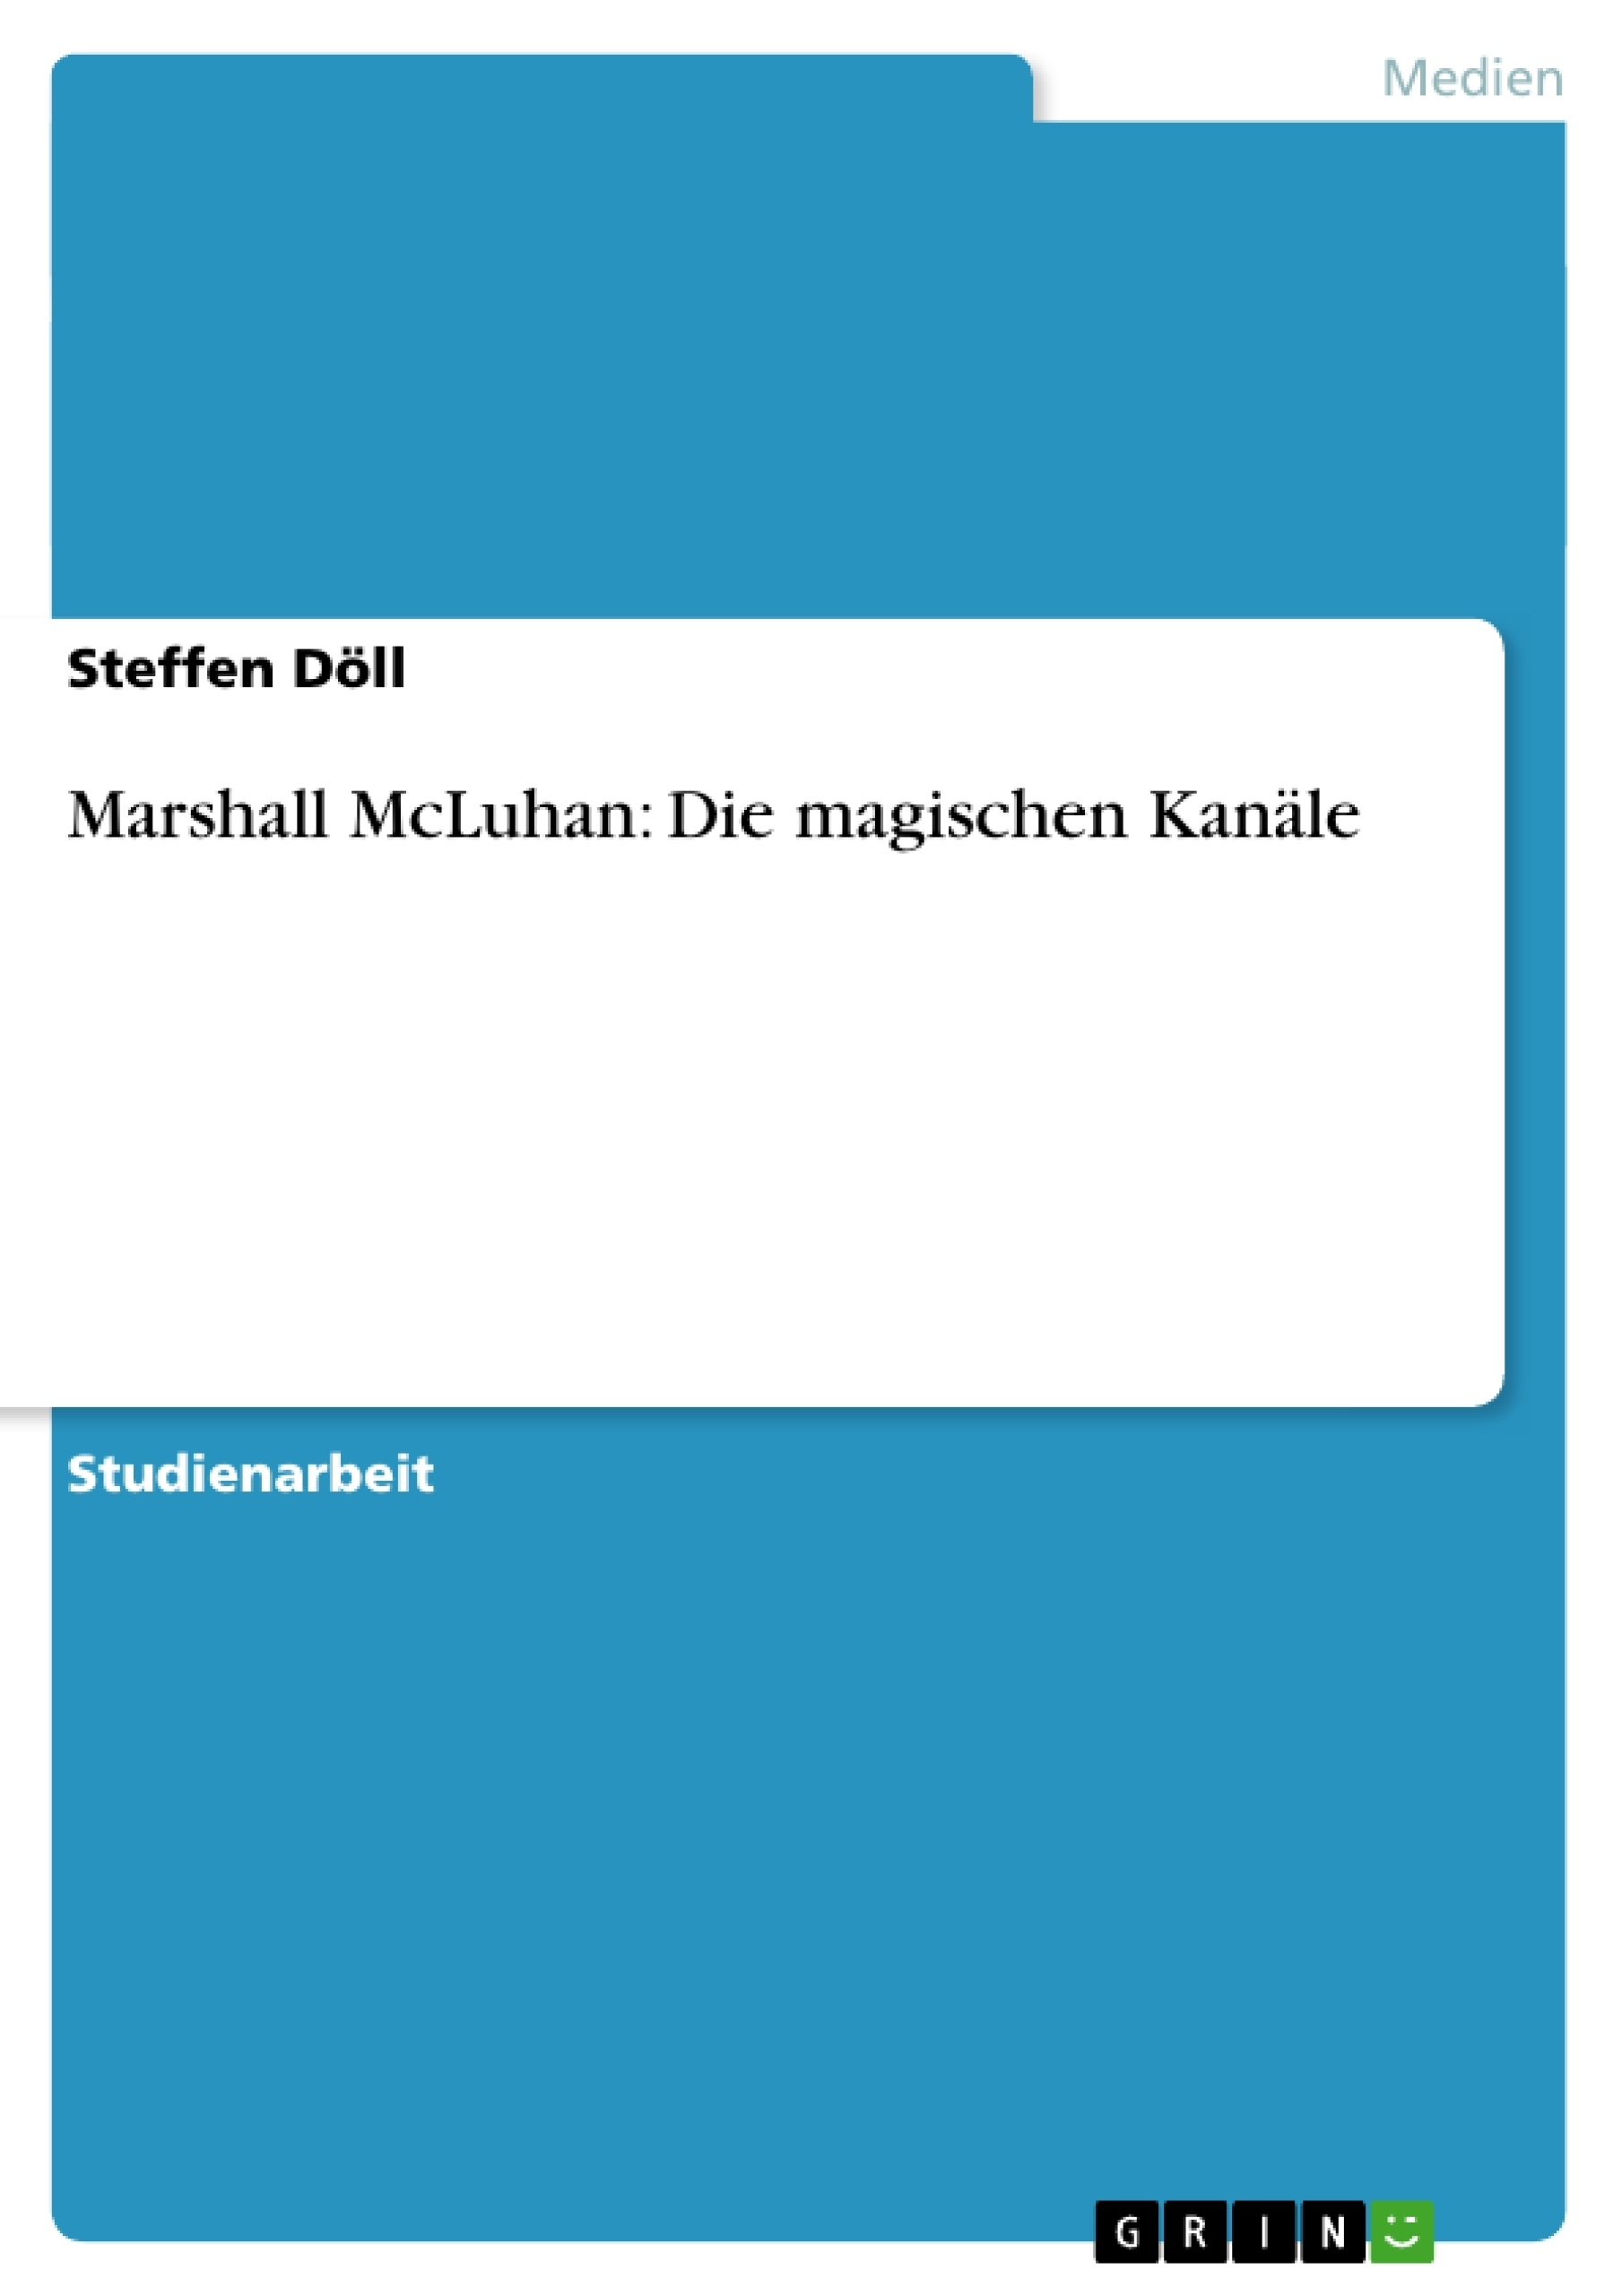 Titel: Marshall McLuhan: Die magischen Kanäle